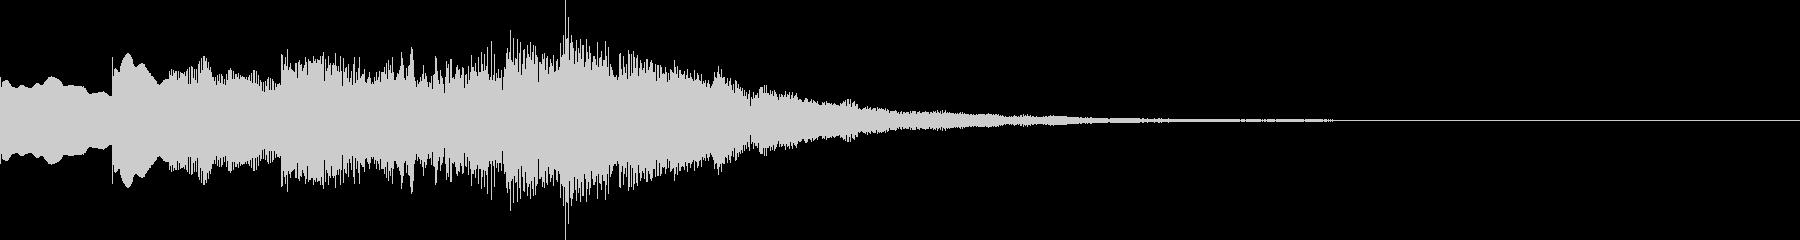 シンセのベル音を使ったシンプルなジングルの未再生の波形